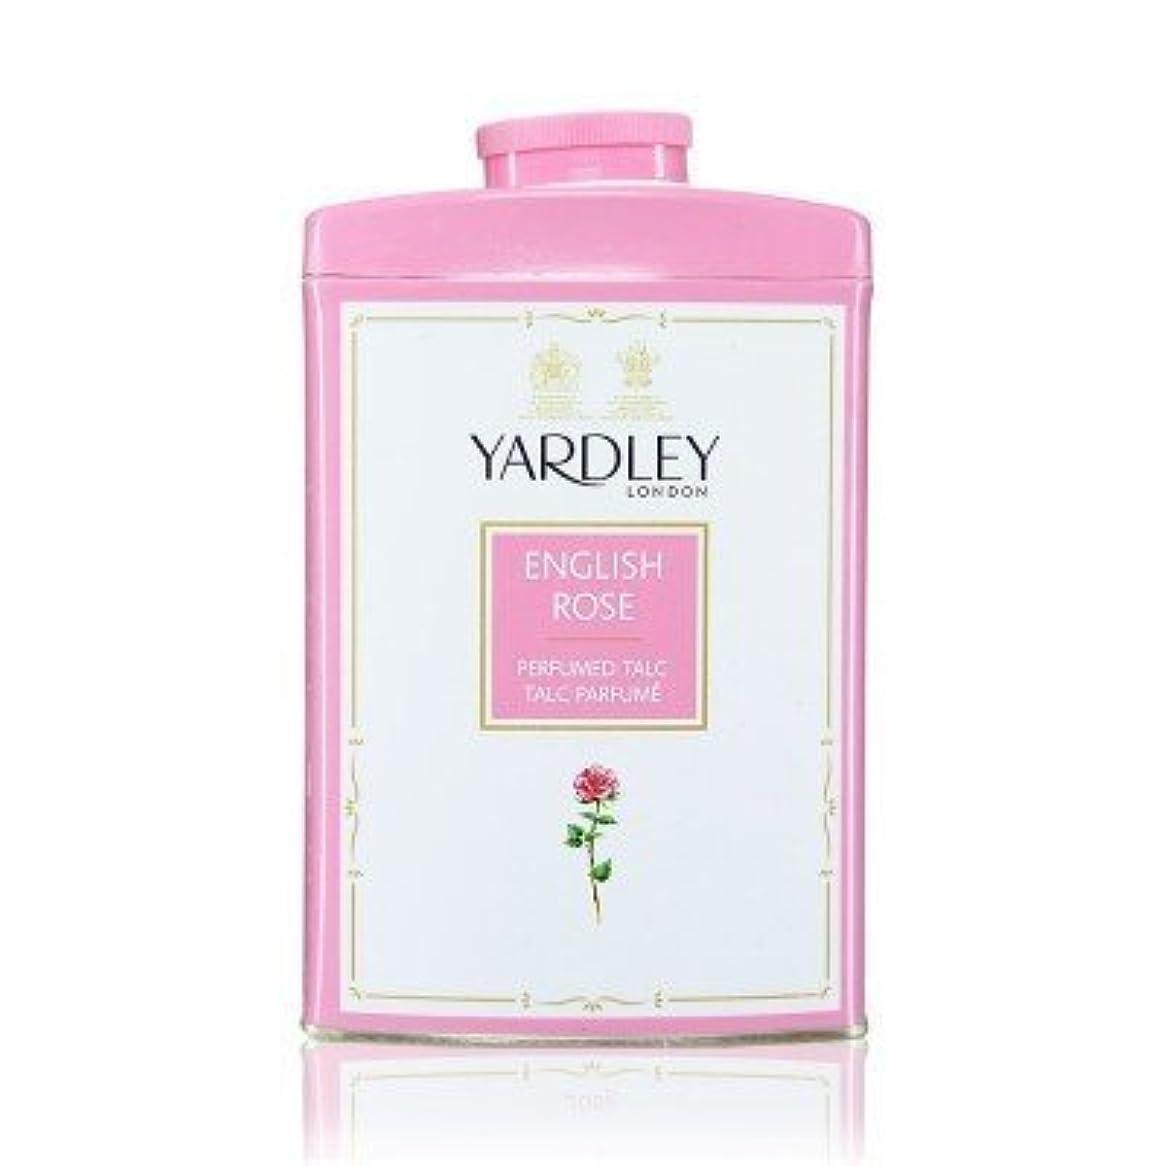 ポットこれら膨らませるYardley English Rose Perfumed Talc, 250 g by Yardley [並行輸入品]